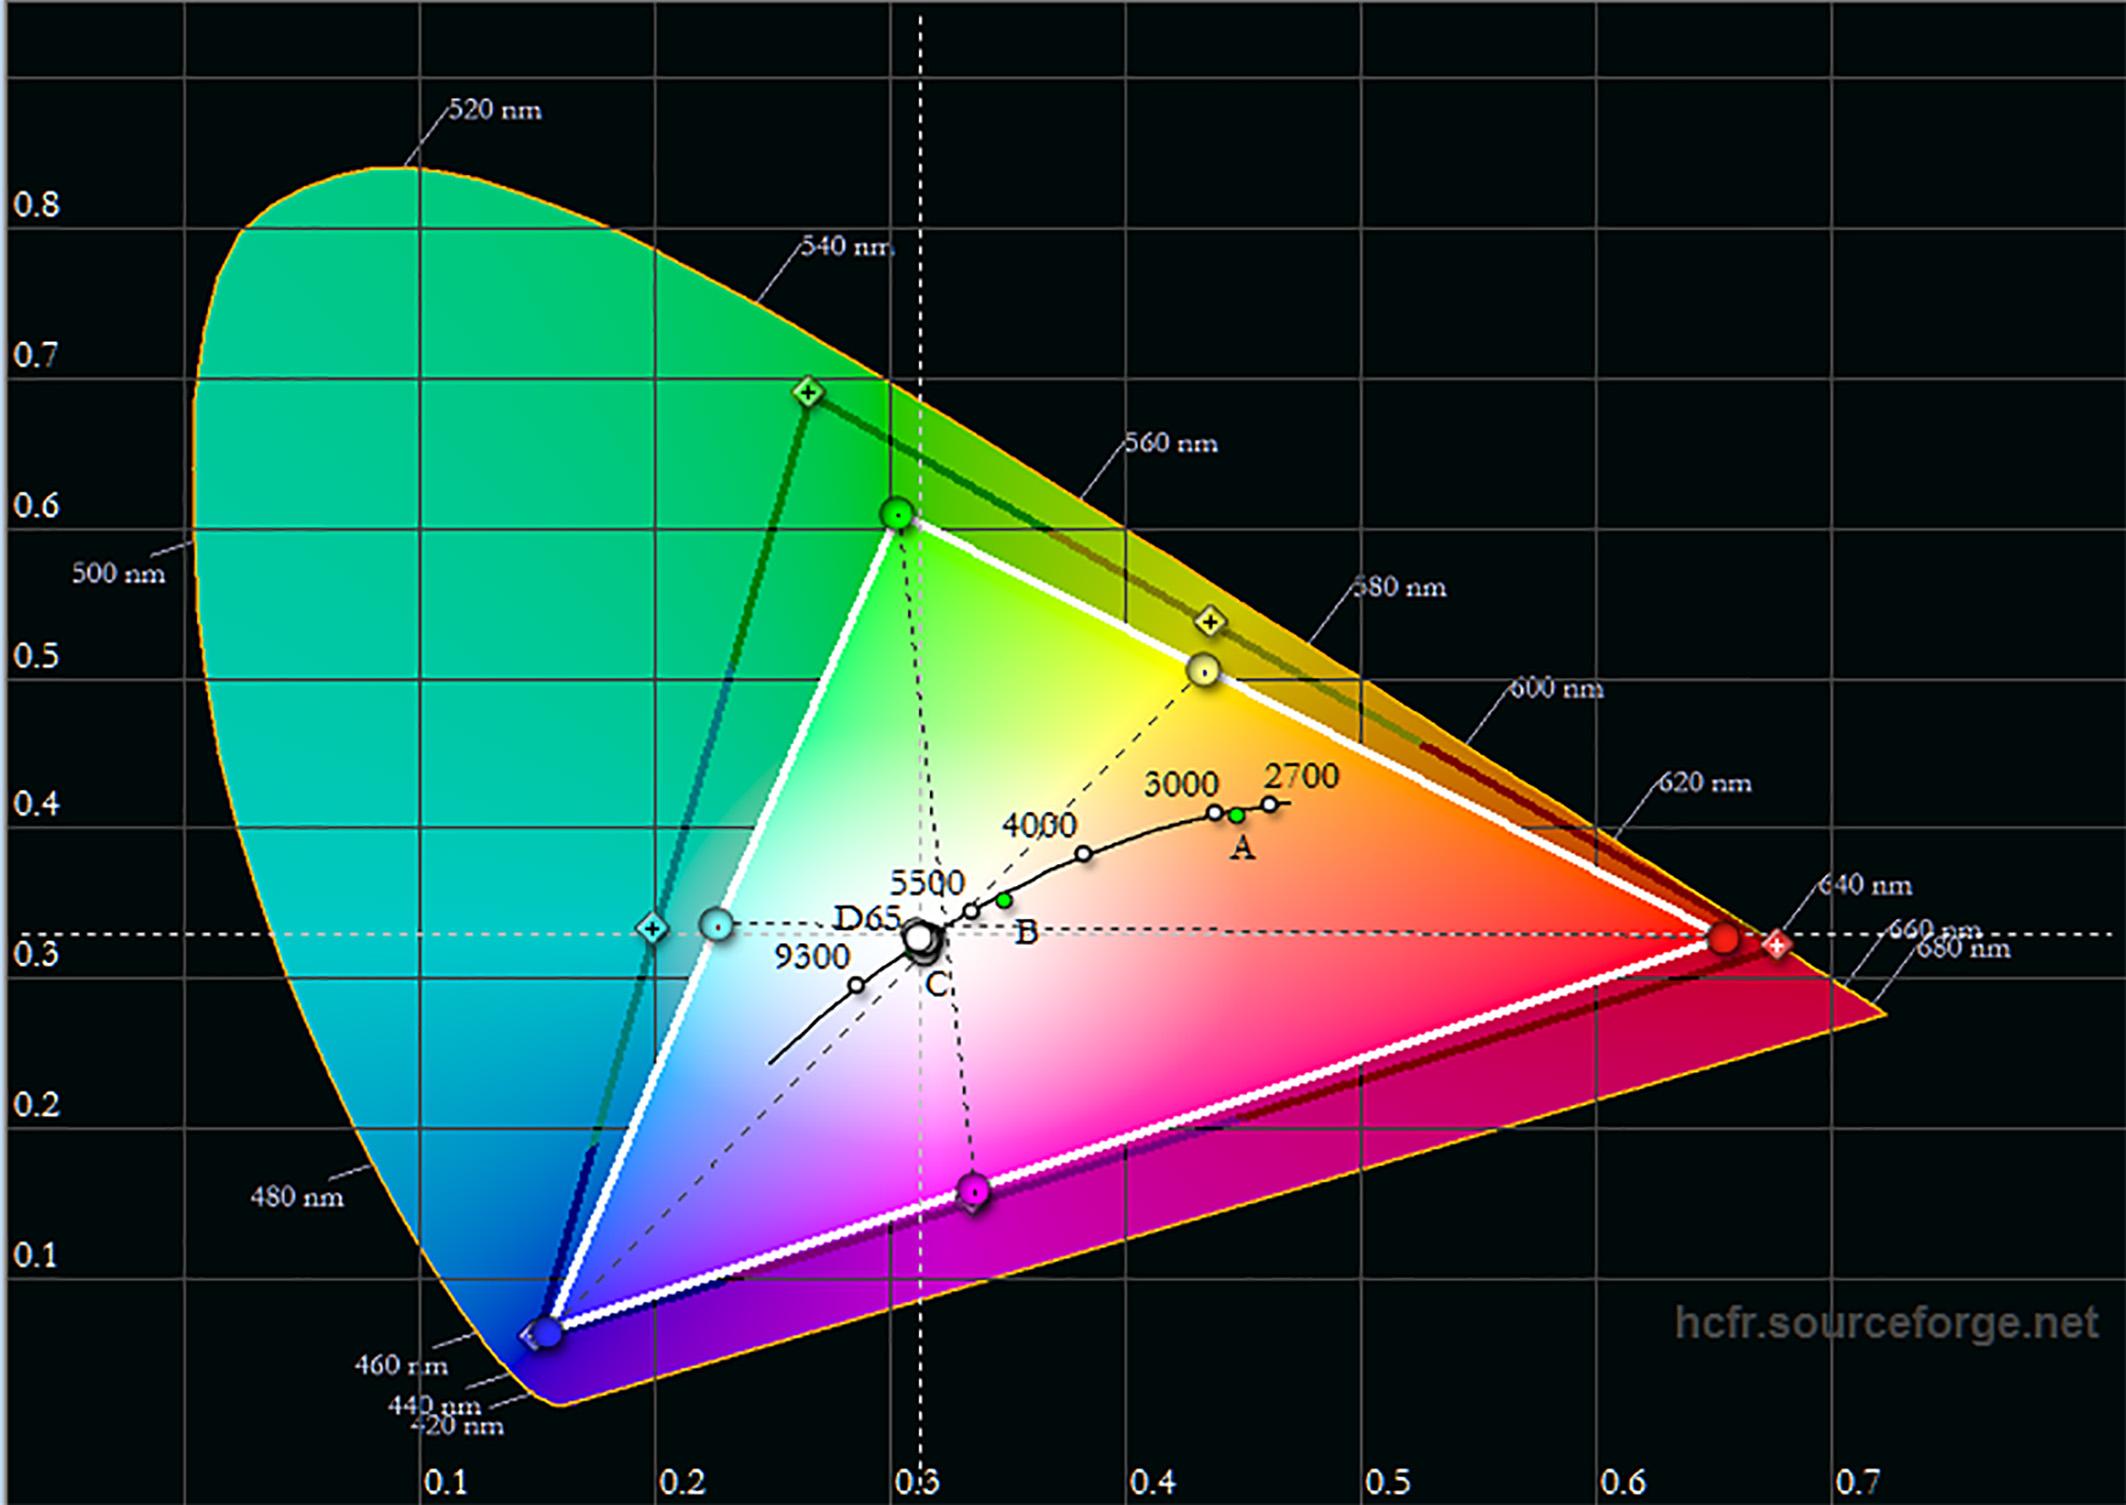 Farbraum HDR: Das schwarze Dreieck zeigt die Zielkoordinaten für den DCI-P3-Farbraum, der aktuell vom HDR-Standard genutzt wird. Es ist gut zu sehen, dass der Acer V7850 nicht imstande ist, diesen Standard vollständig zu erfüllen. Während die Primärfarben Rot und Blau sowie die Sekundärfarbe Magenta der HDR-Vorgabe noch relativ nahe kommen, ist das Spektrum in Richtung Grün viel zu klein. Der HDR-Farbraum des V7850 ist insgesamt nur etwas größer als der Rec.709-Farbraum. Dies führt bei HDR Filmen zwangsläufig dazu, dass grüne, gelbe und cyane Bildinhalte nicht ihr volles Farbspektrum auf der Leinwand ausschöpfen.